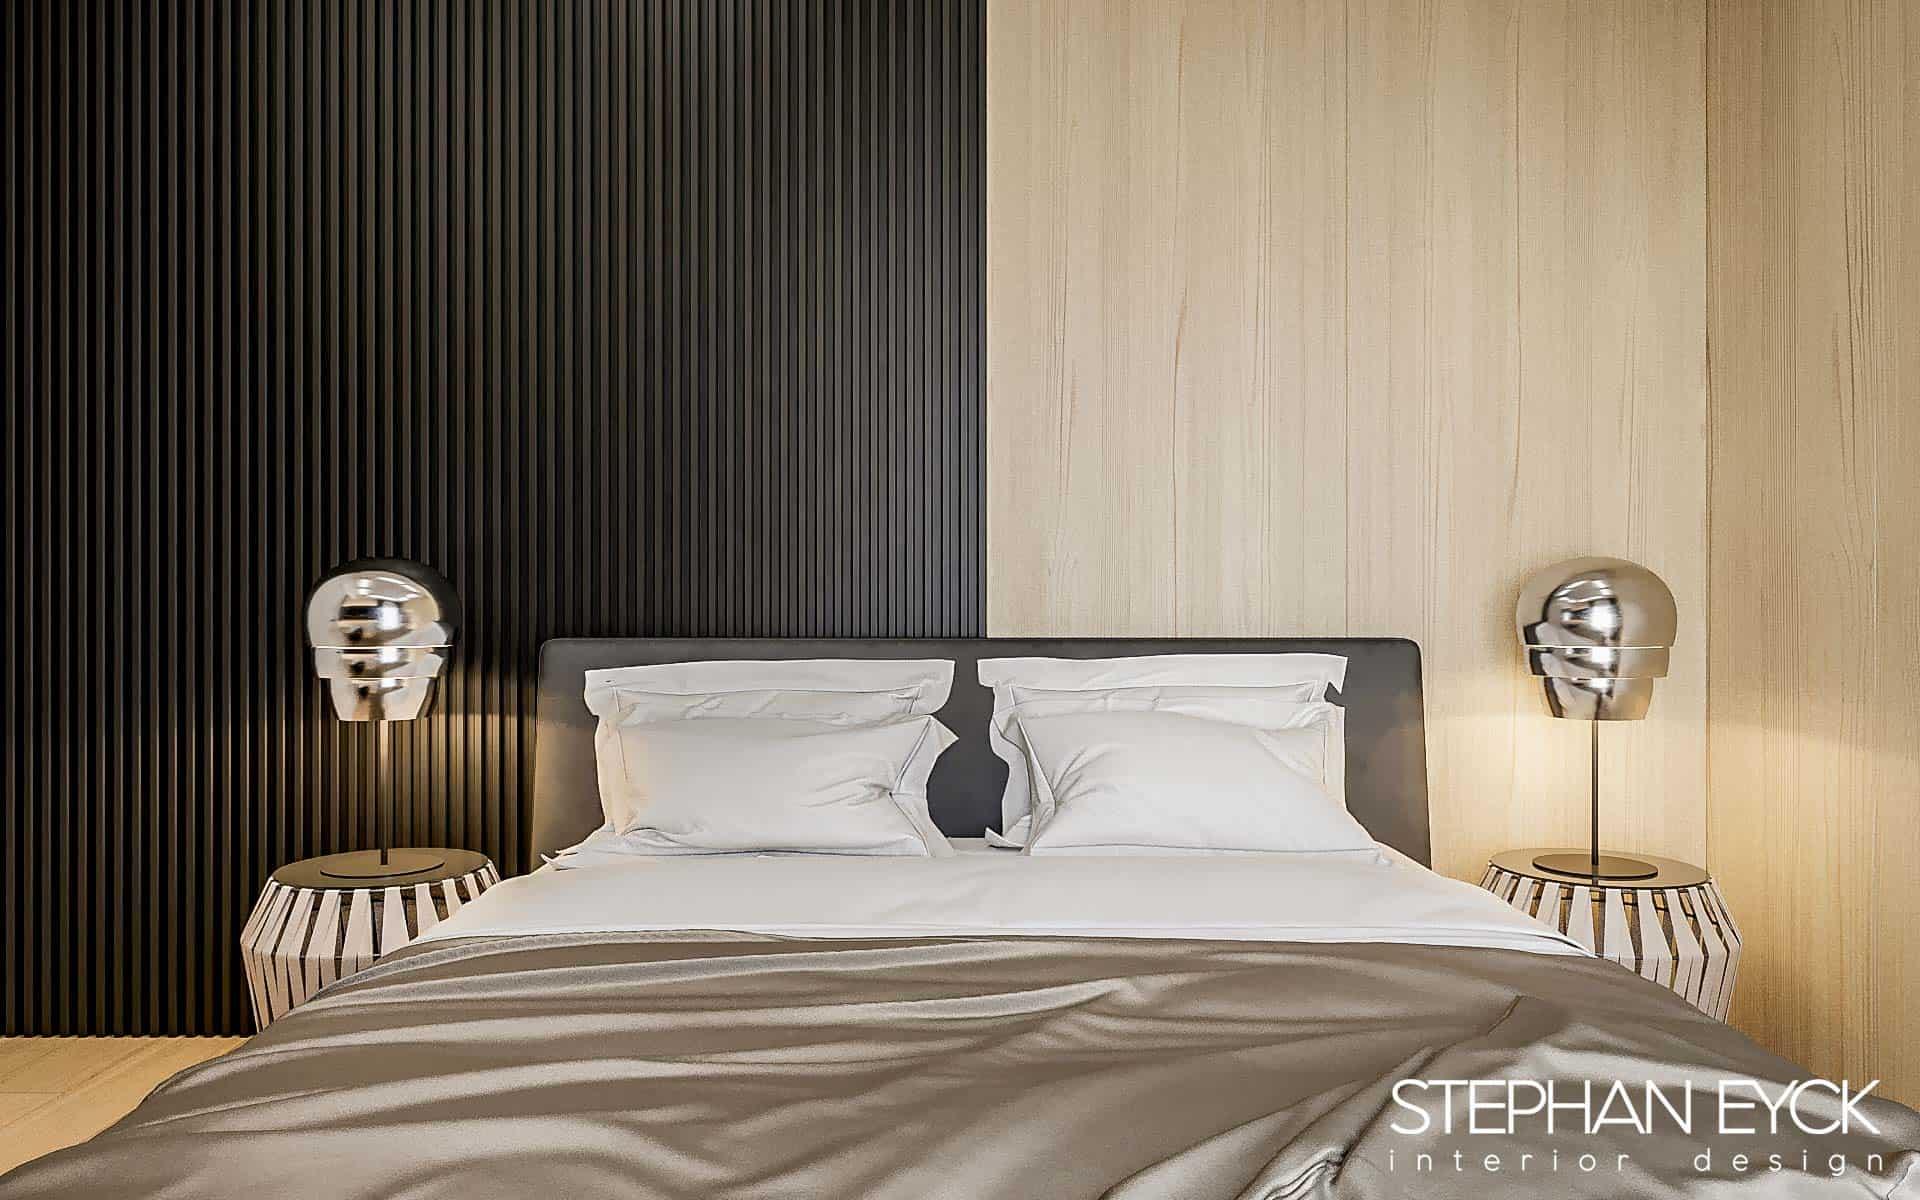 design interior dormitor 03 Stephan Eyck